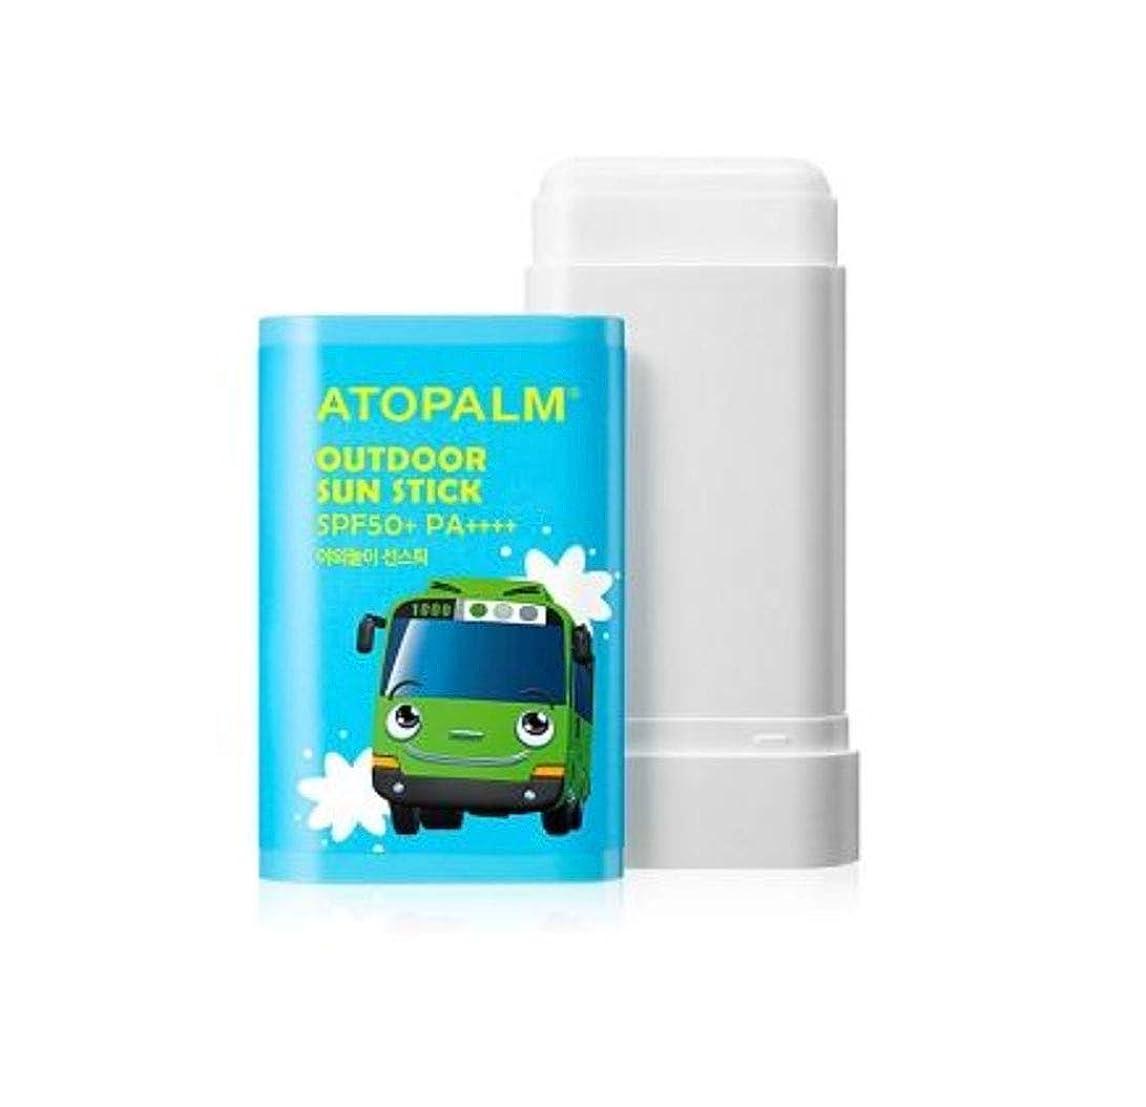 工場バレエ時期尚早ATOPALM OUTDOOR Sun Stick (EWG all green grade!) SPF50+ PA++++ 日焼け止めパーフェクトUVネック?手?足の甲?部分的に塗って修正スティック [並行輸入品]